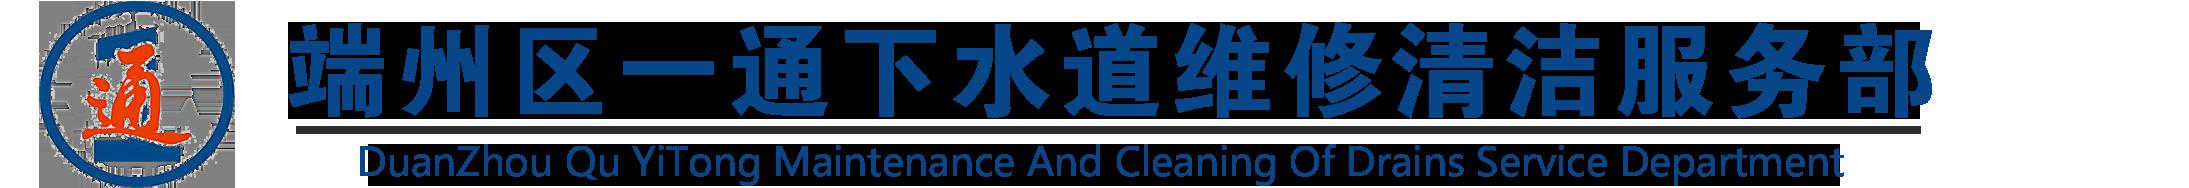 端州区一通下水道维修清洁服务部